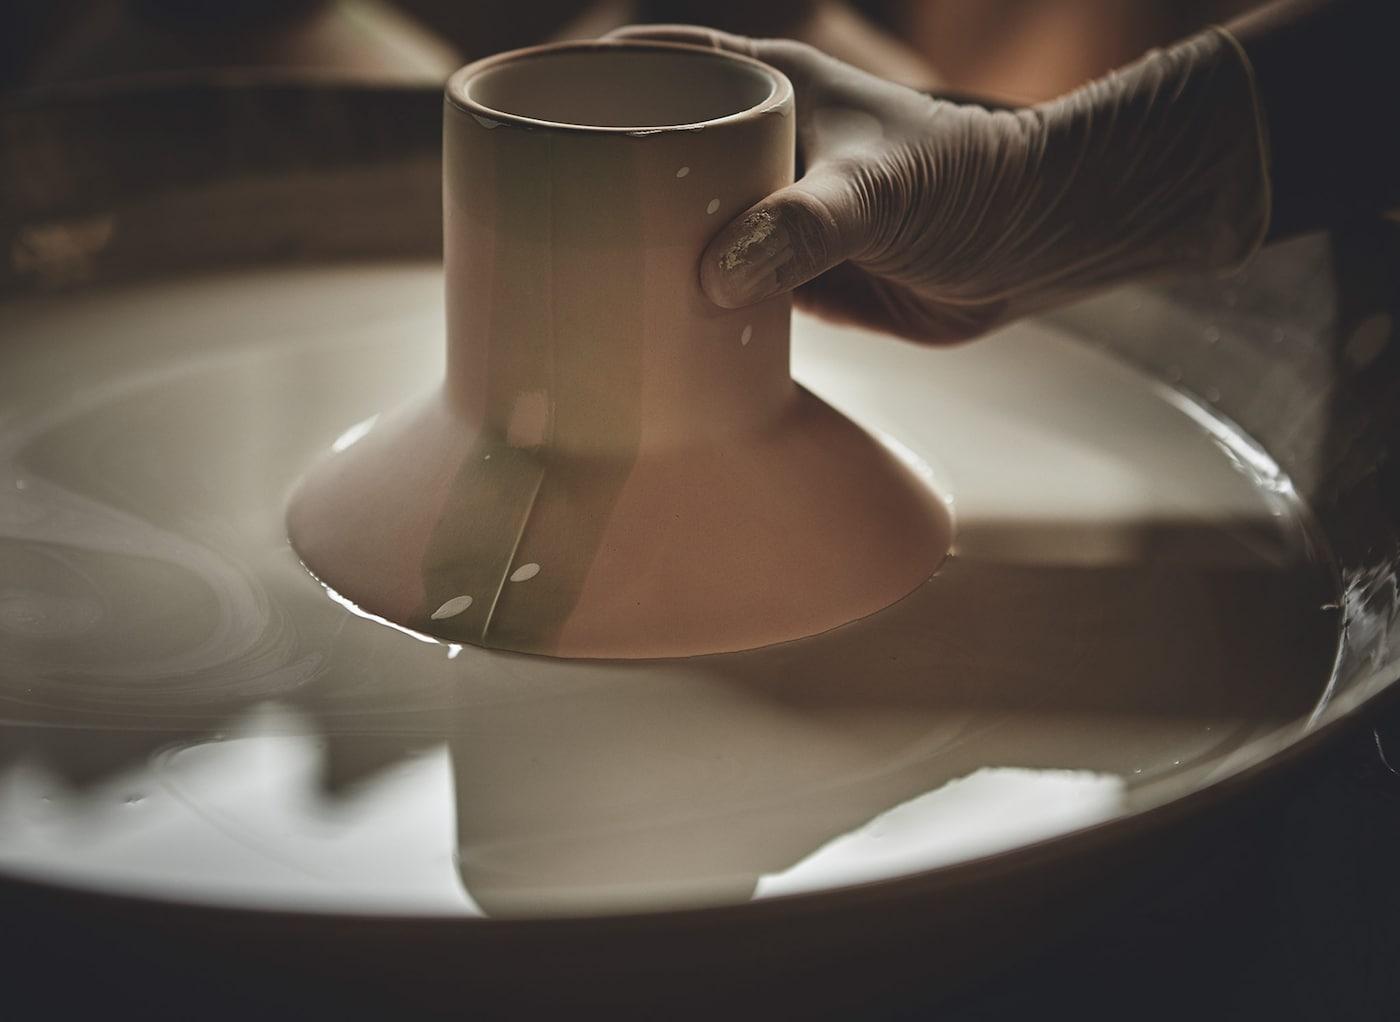 Un vase en céramique fait main de la collection HANTVERK de IKEA occupé à être vitrifié à la main par immersion dans un bain.